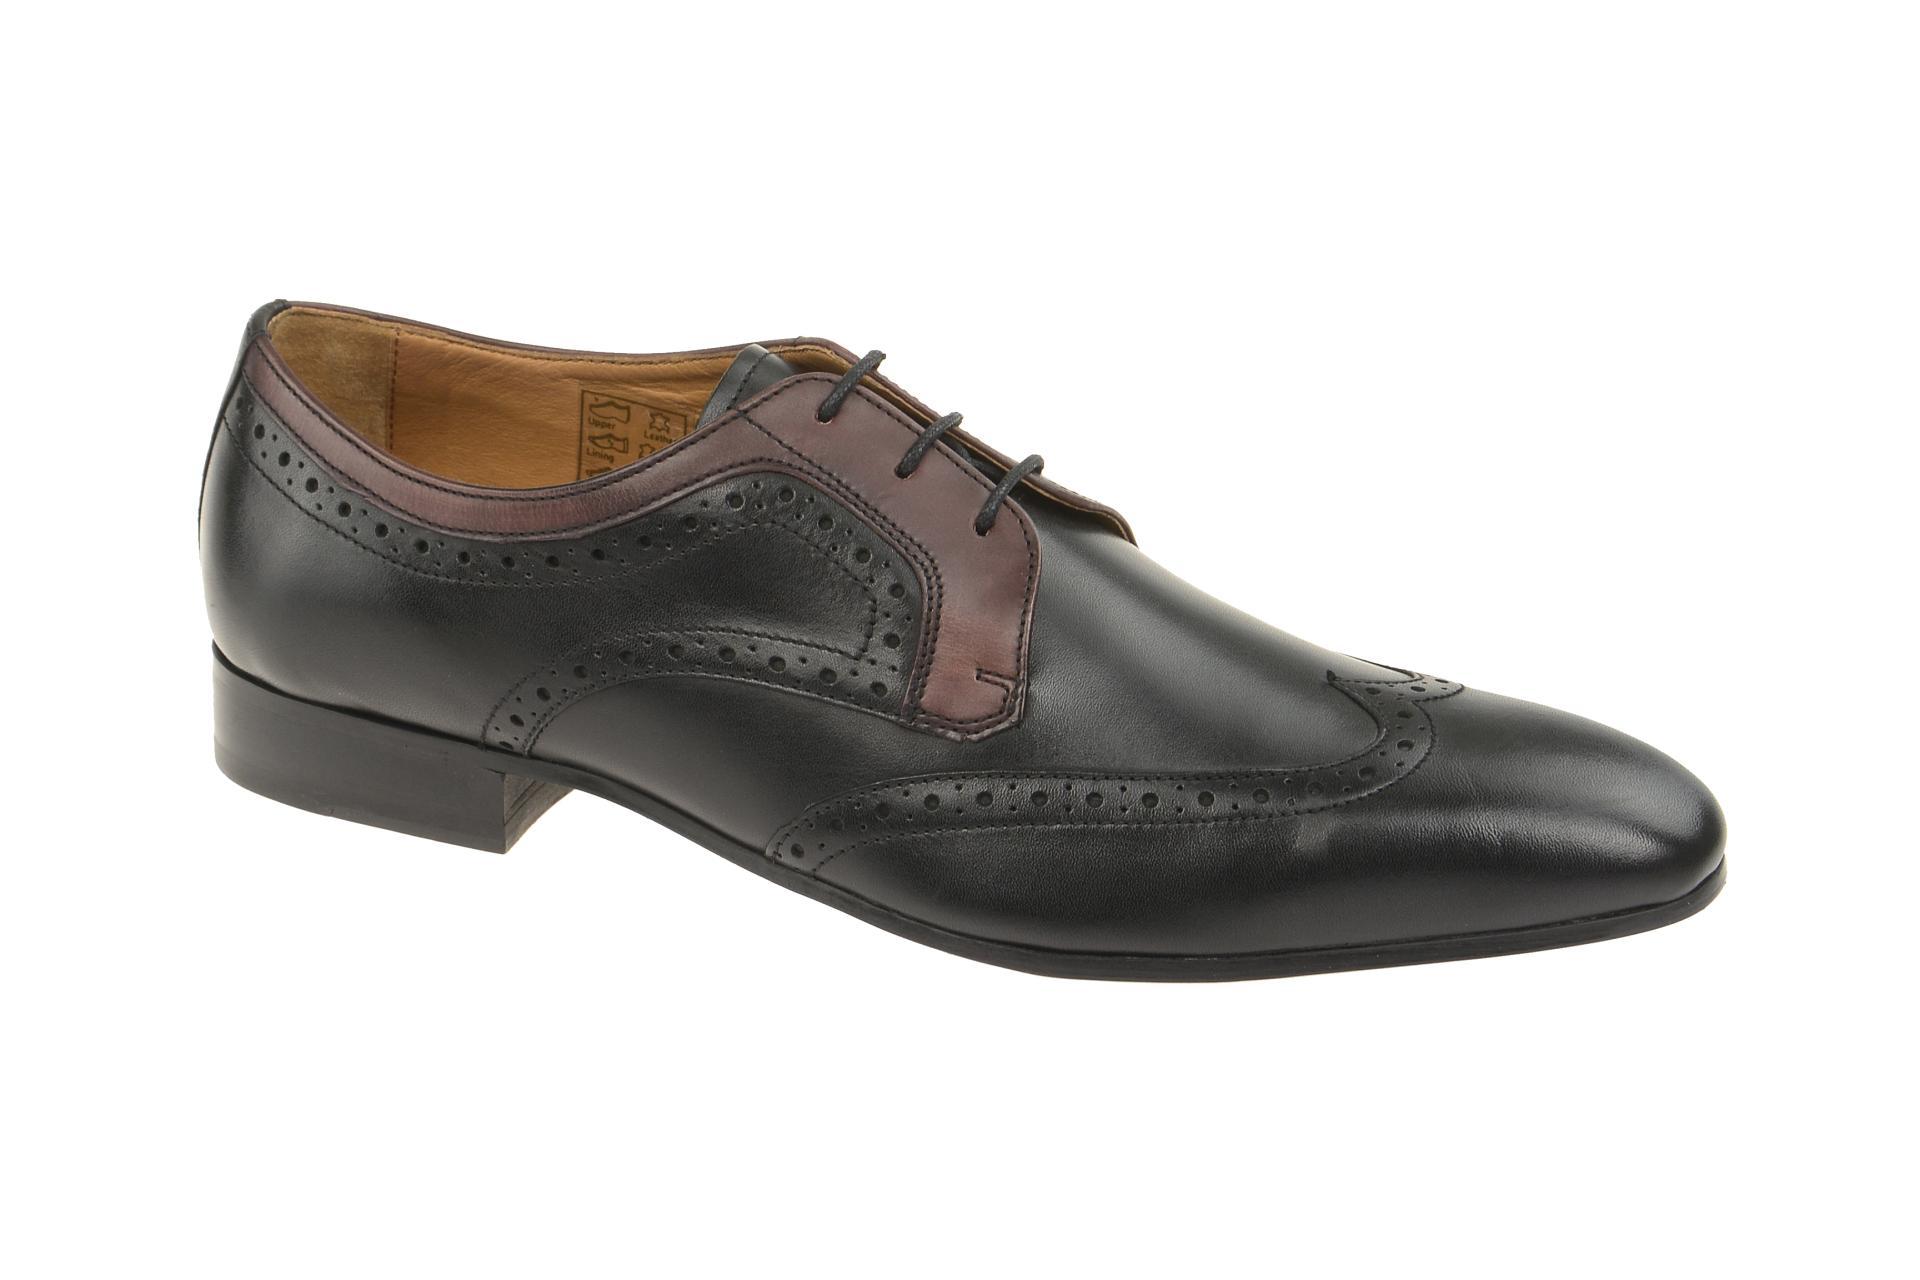 Gordon & Bros. Gordon & Bros Schuhe Lorenzo schwarz bordo 623048 :: Schwarz - 40 - Männlich - Erwachsene